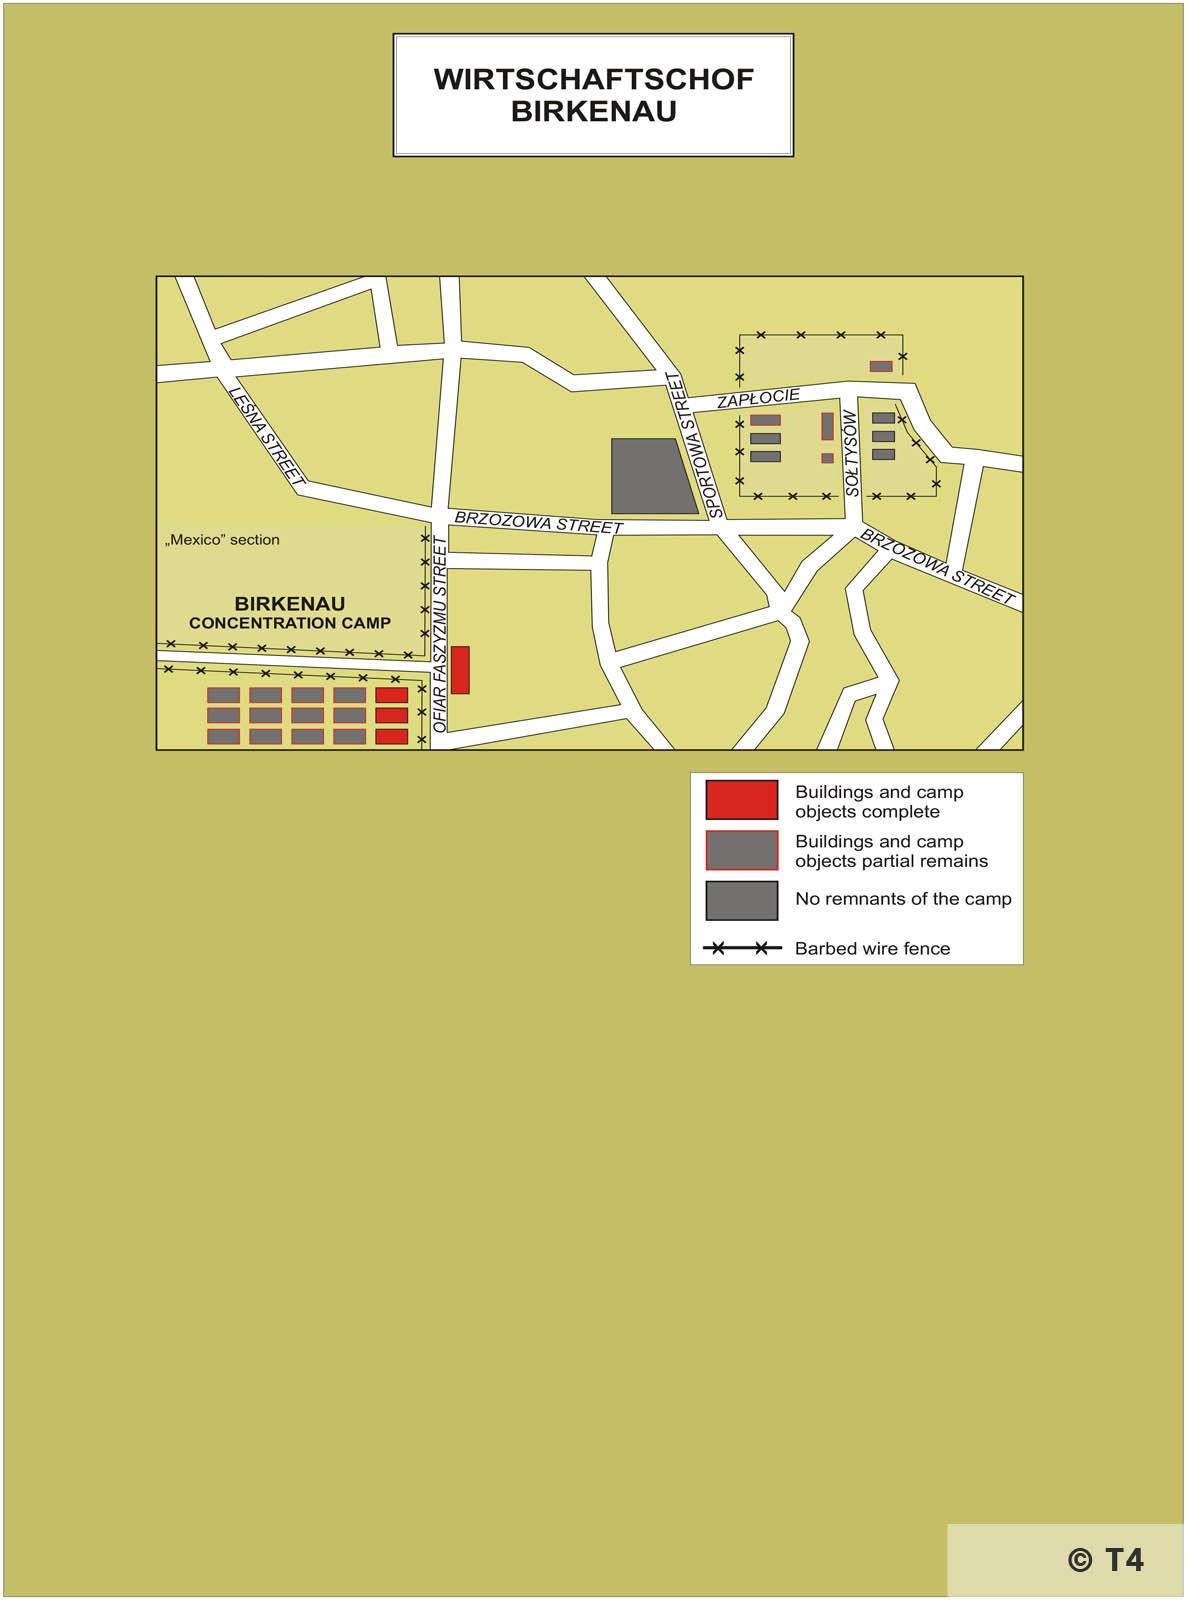 Map of Wirtschaftshof Birkenau sub camp. T4